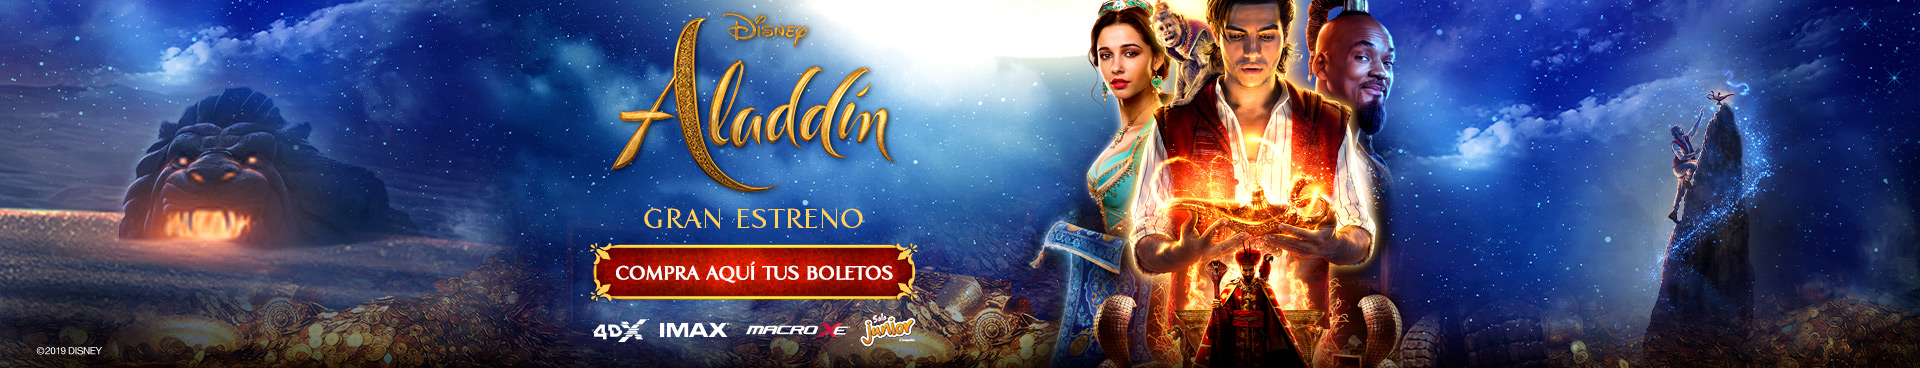 Gran estreno: Aladdín